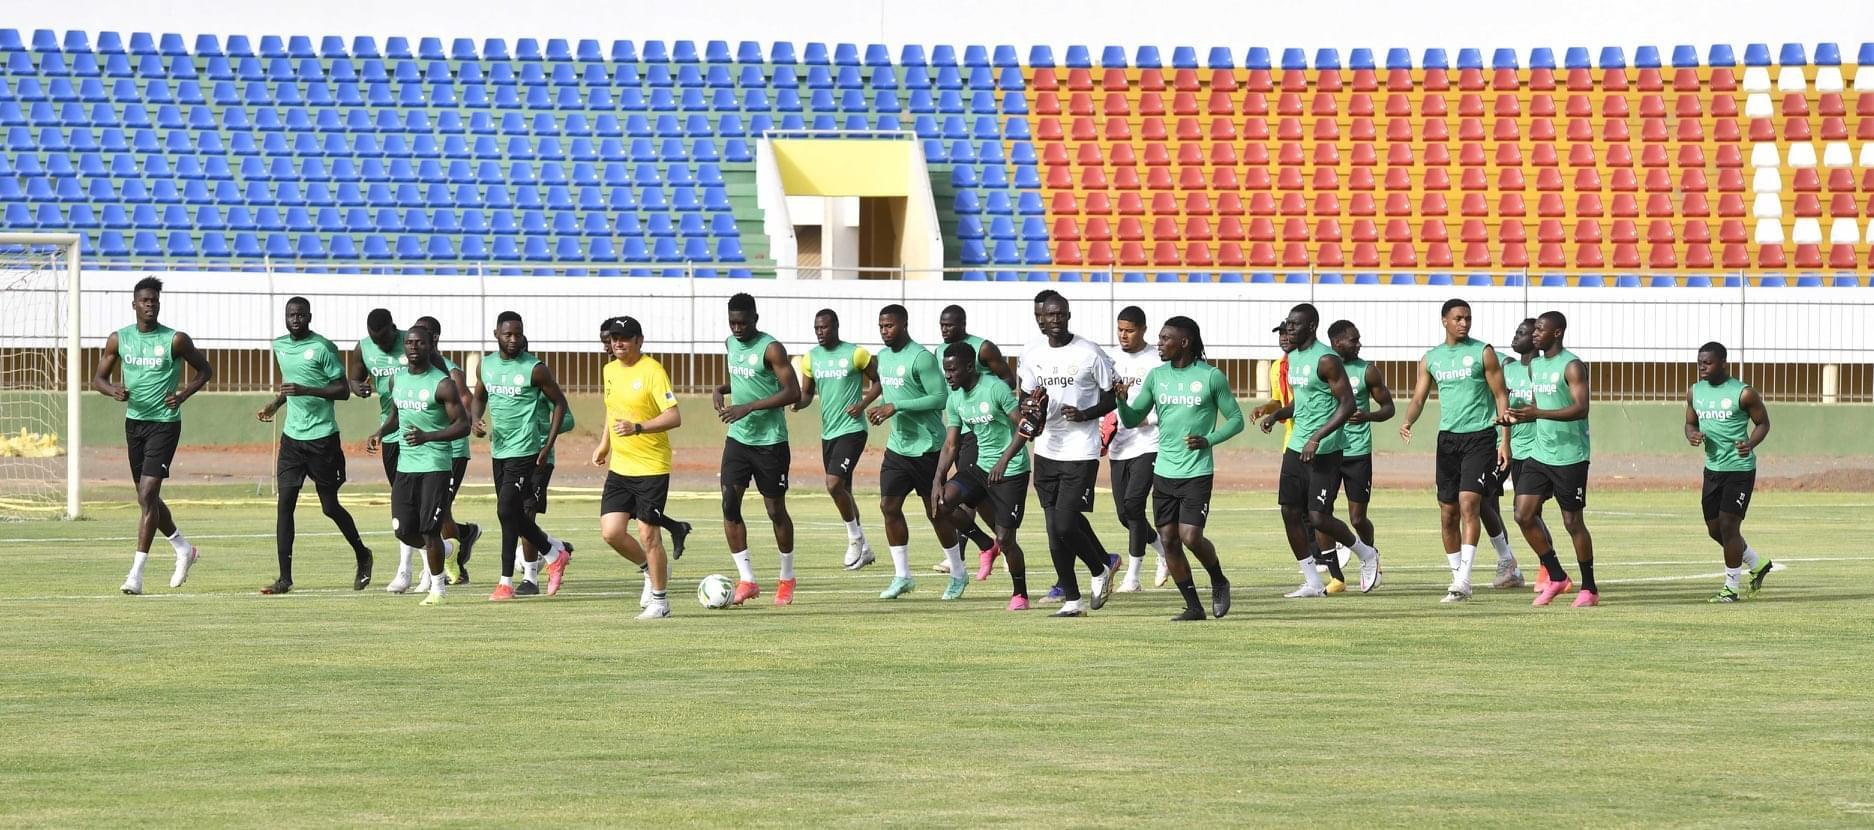 Équipe nationale : Après l'entraînement à huis clos du mercredi, les lions en mode récupération et renforcement musculaire...